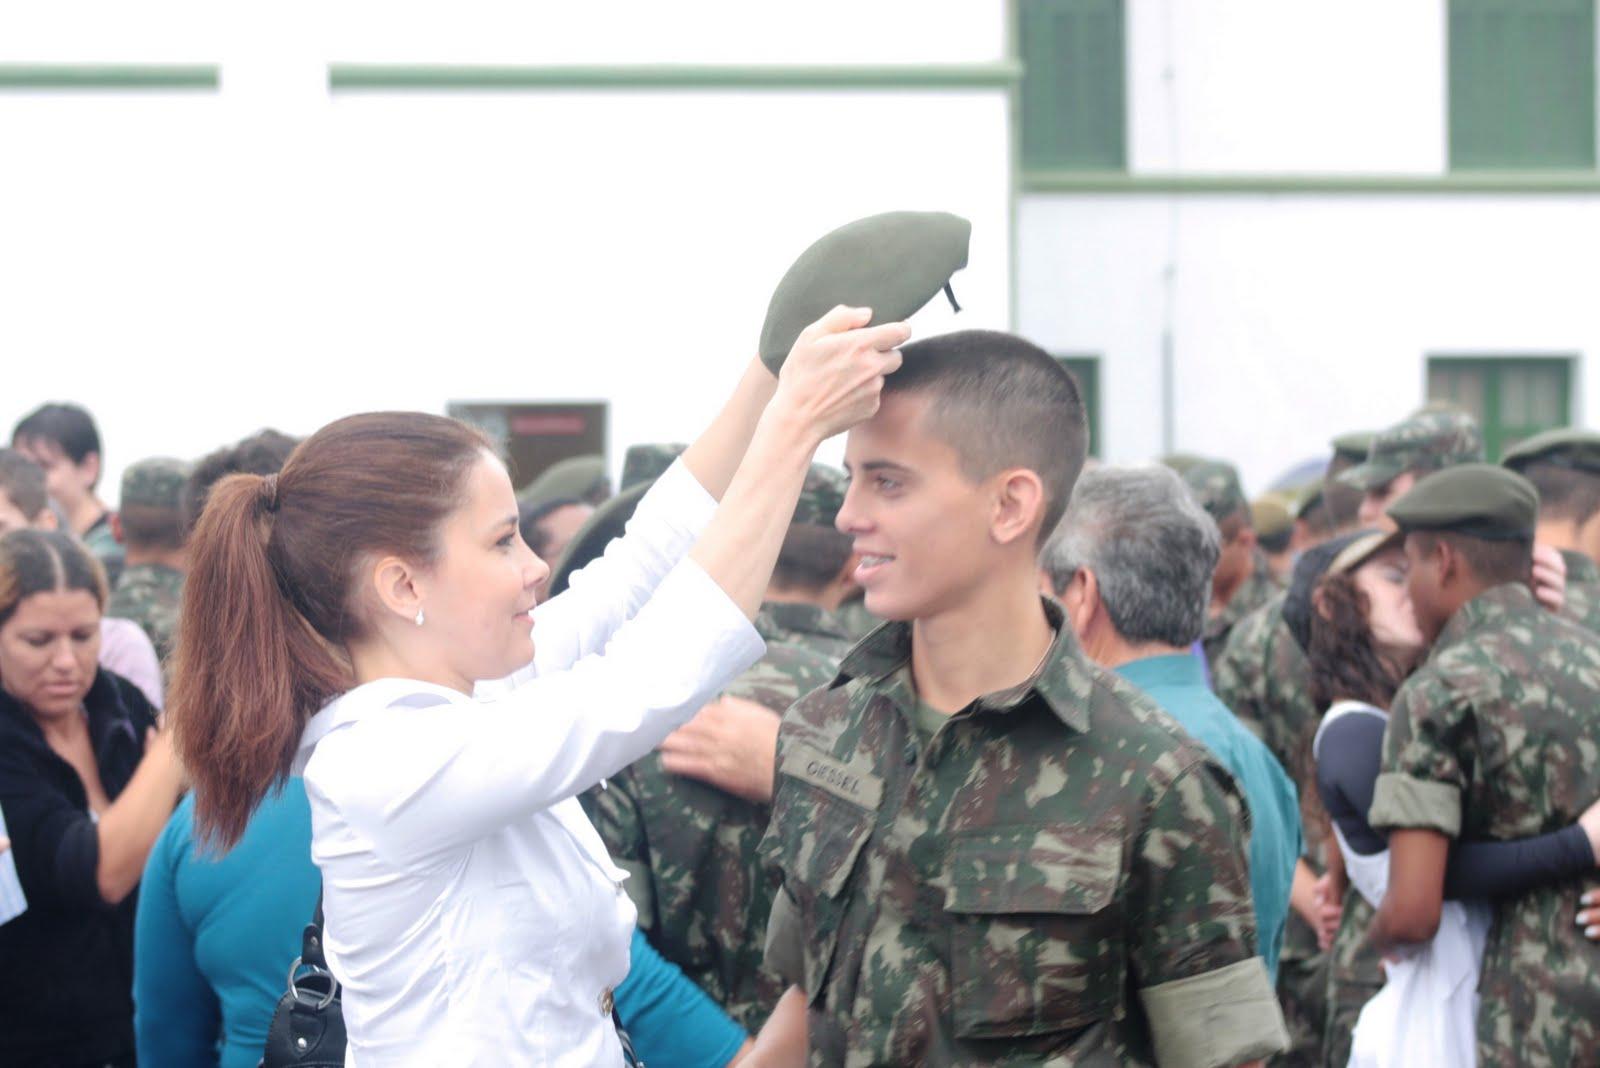 Os 270 recrutas do 62º Batalhão de Infantaria referentes ao ano de 2010 26a75b99a23